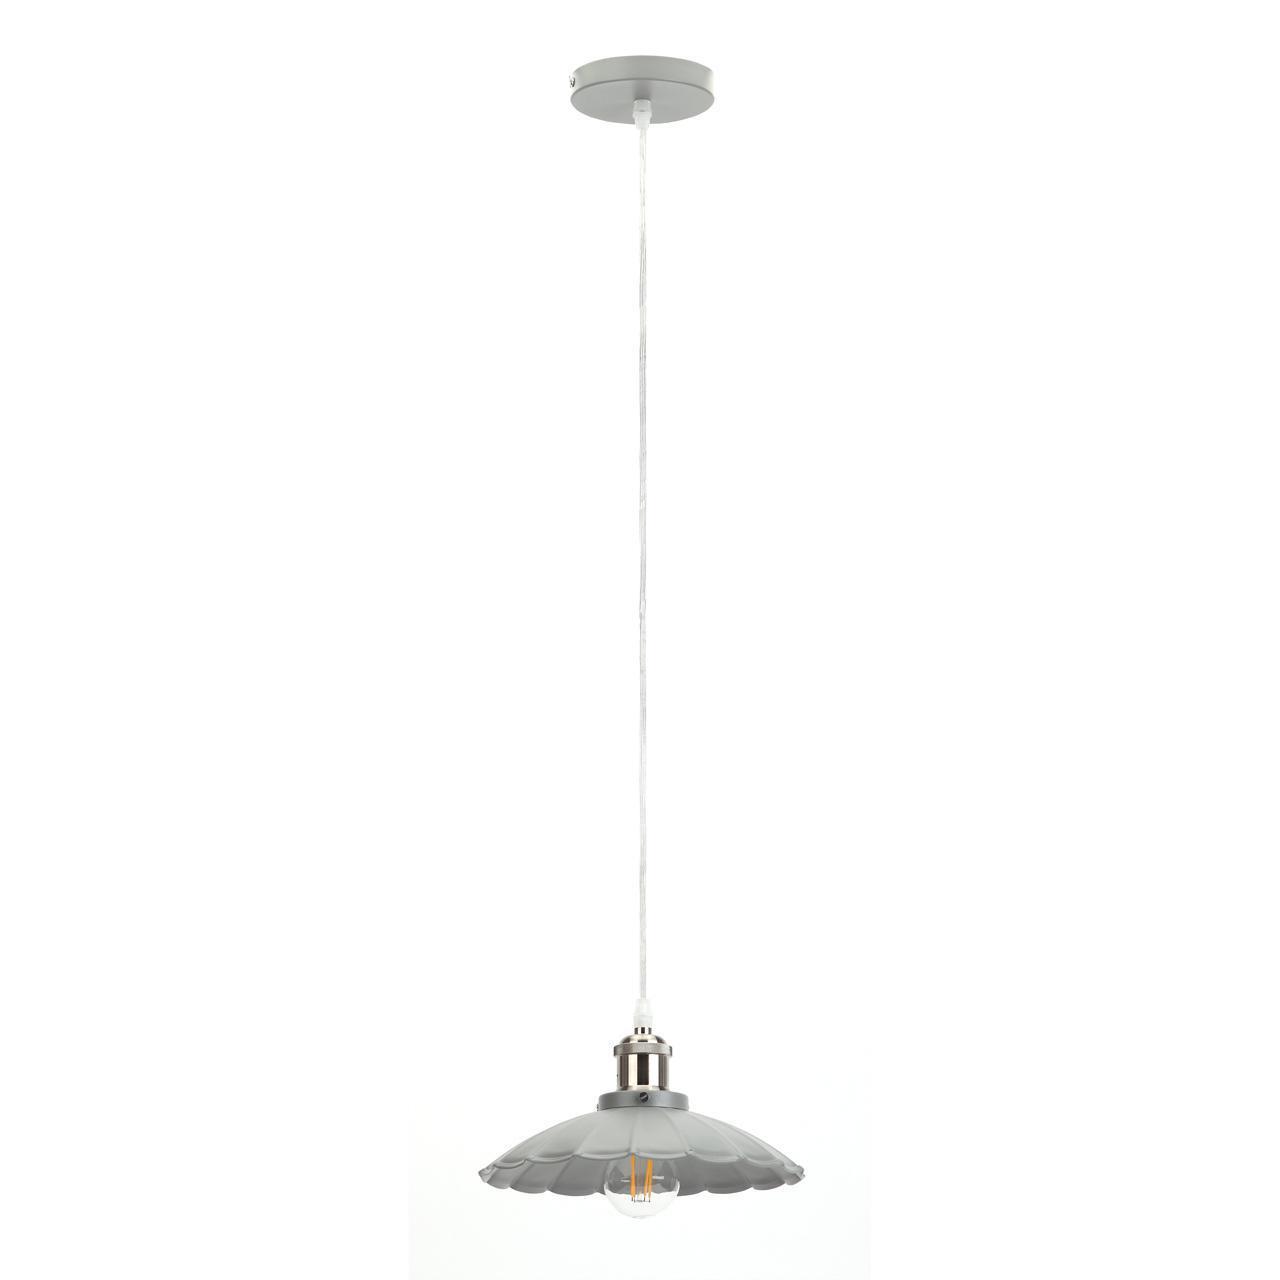 Подвесной светильник Эра PL3 GR/SN, E27, 60 Вт цены